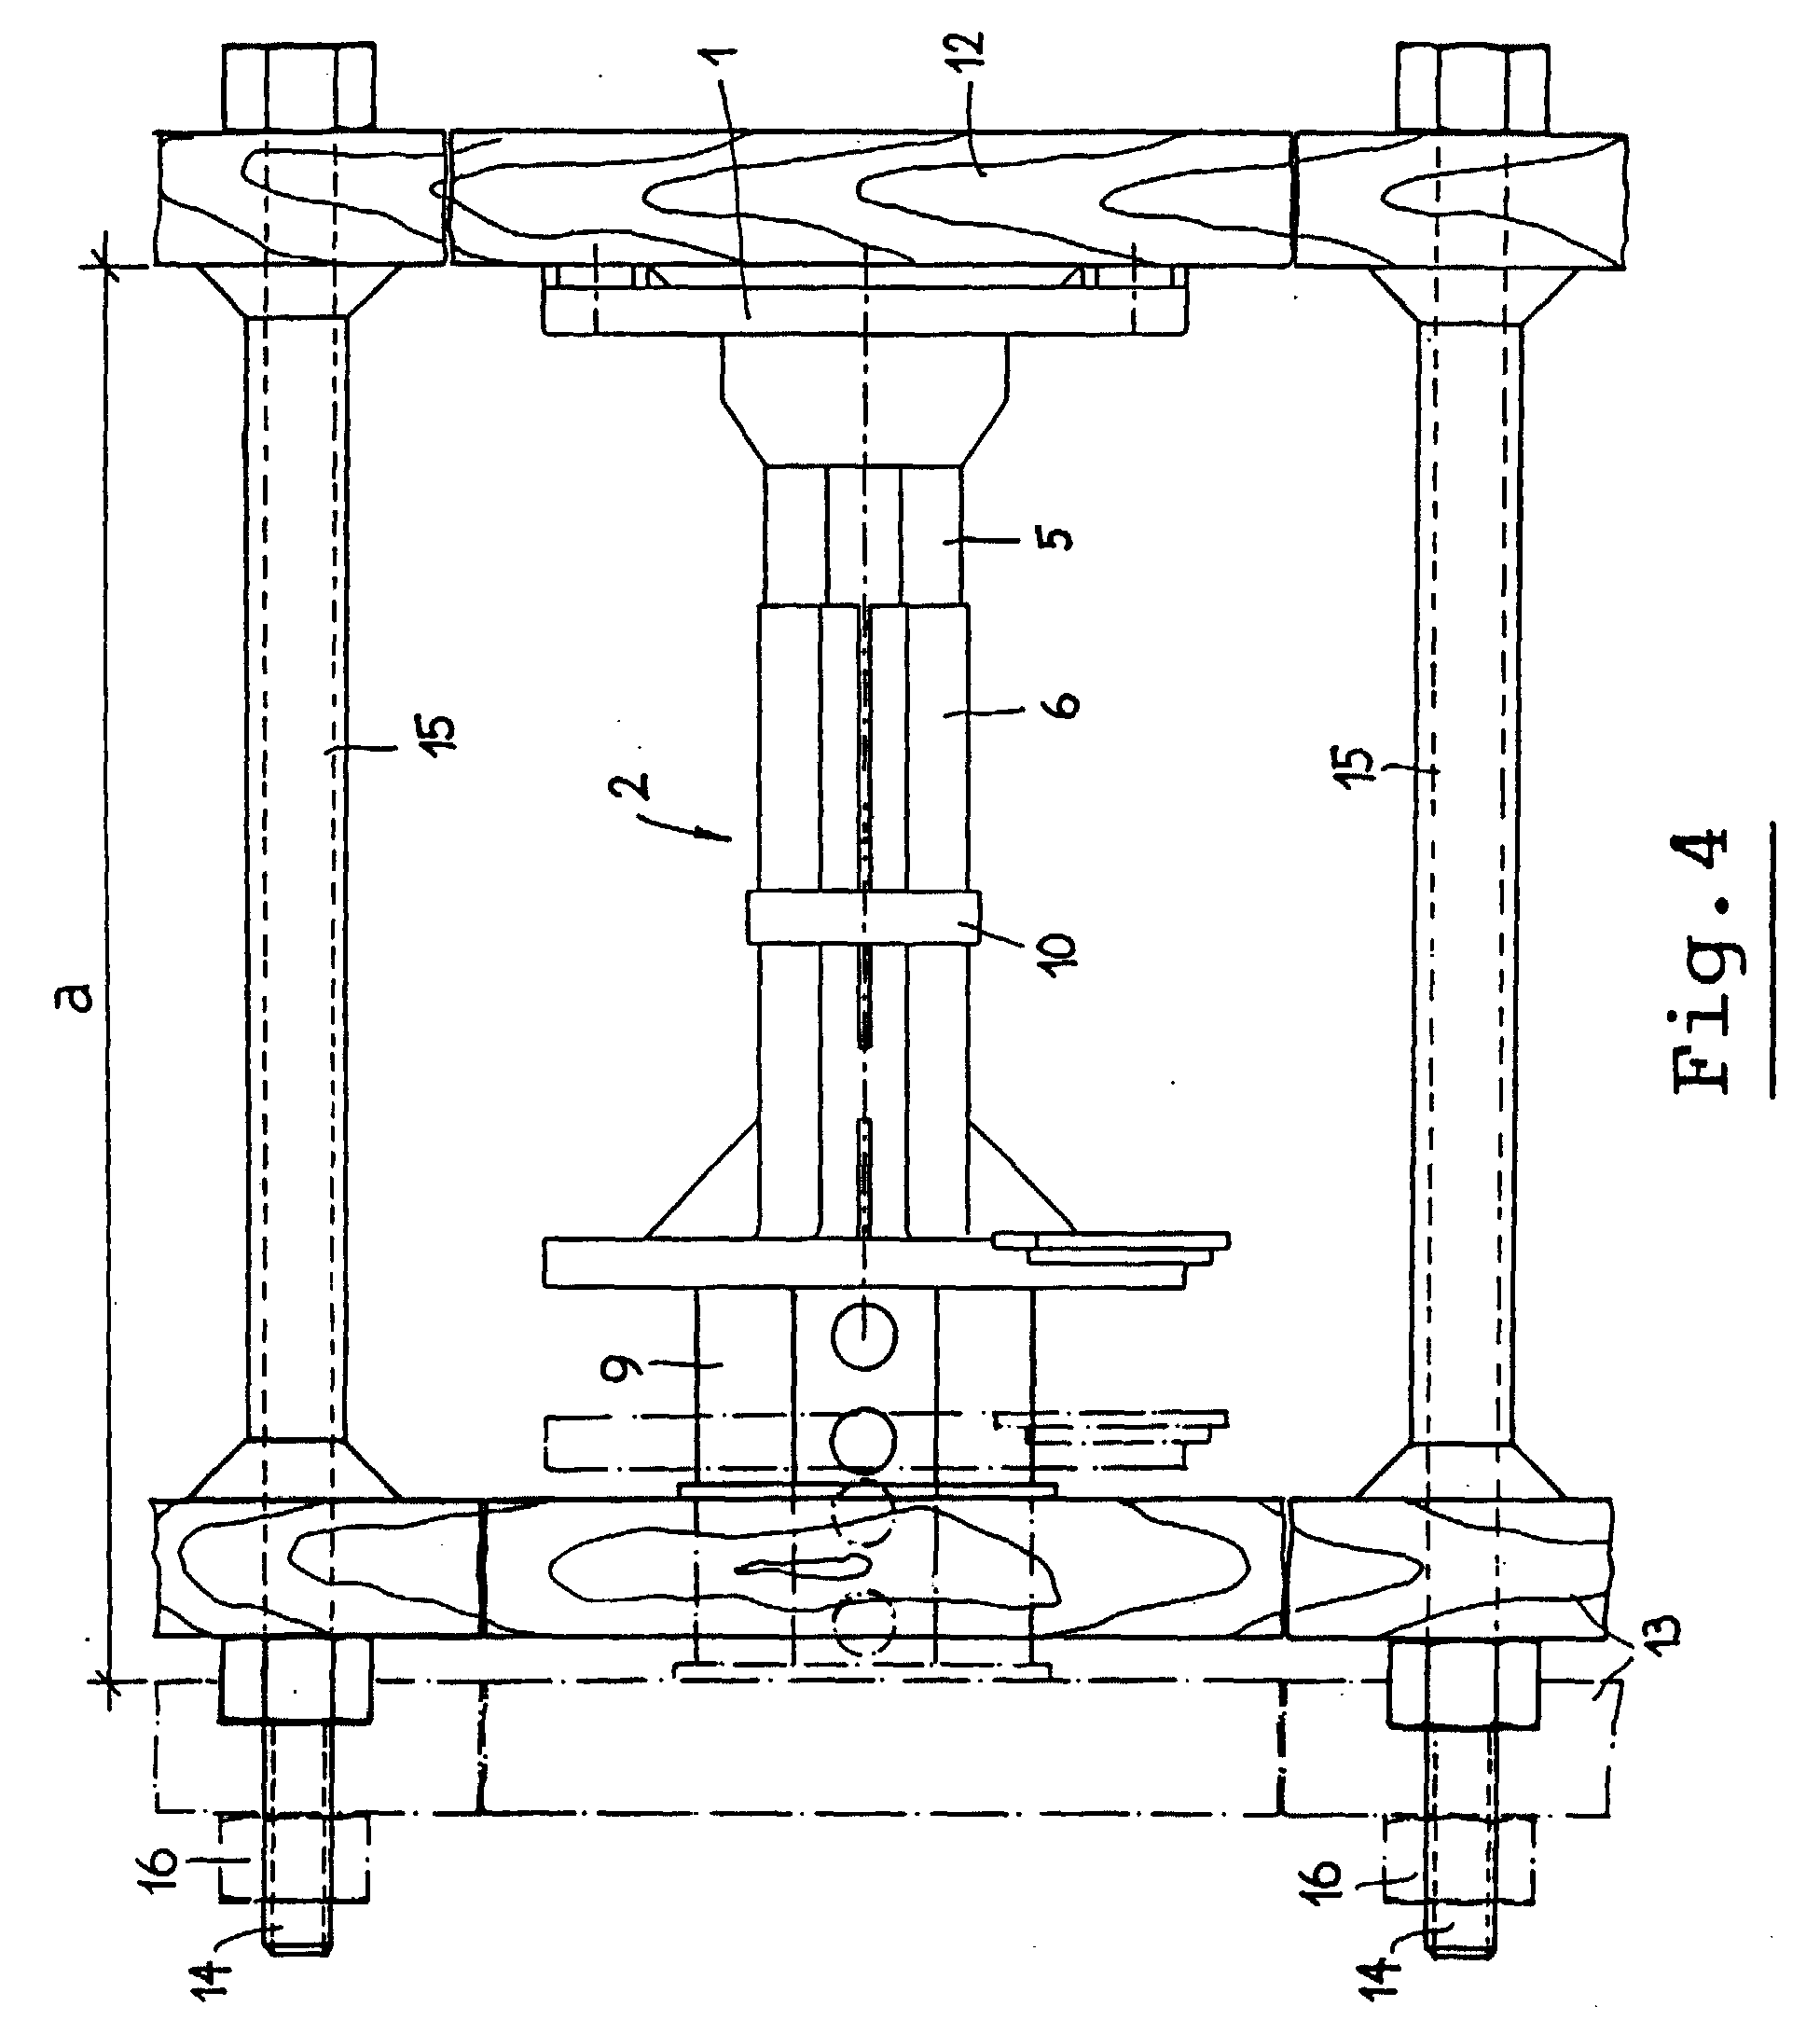 patent ep0758042b1 verlorene montagehilfe zum anbringen einer unterputzdose google patents. Black Bedroom Furniture Sets. Home Design Ideas